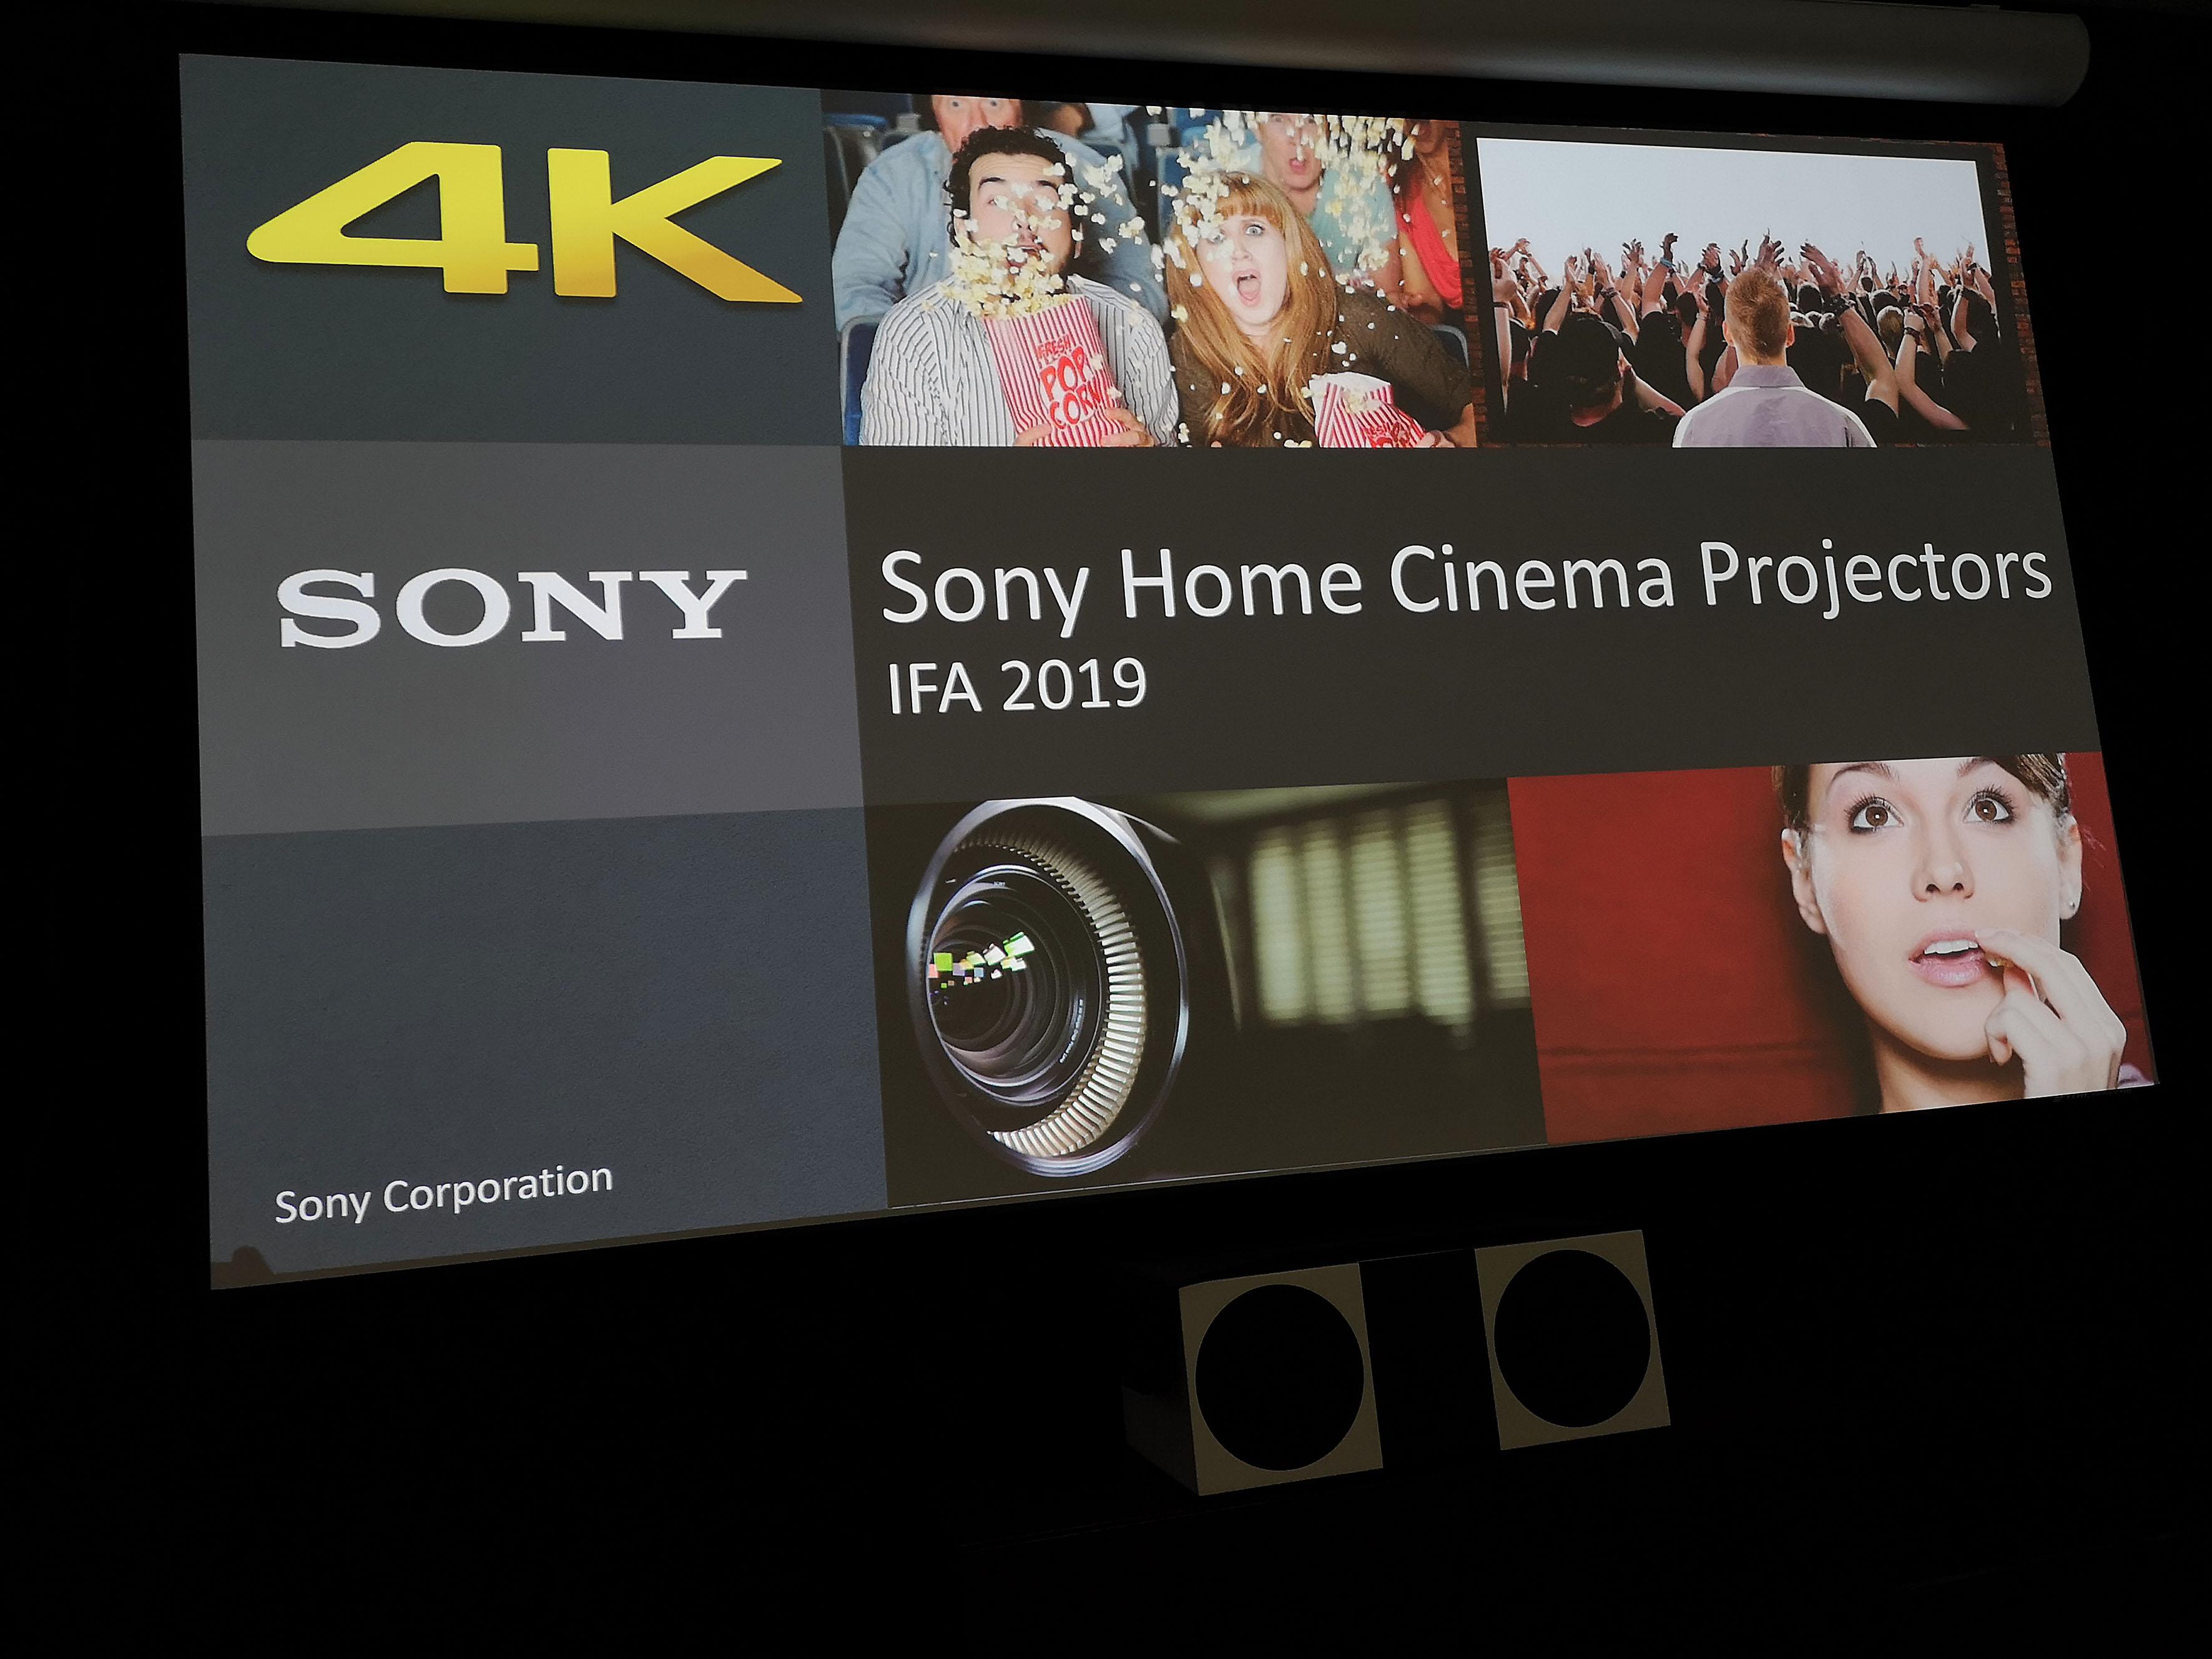 Foto. Michael B. Rehders - Die Neuerungen der aktuellen Heimkino-Projektoren werden auf einer großen Leinwand präsentiert.